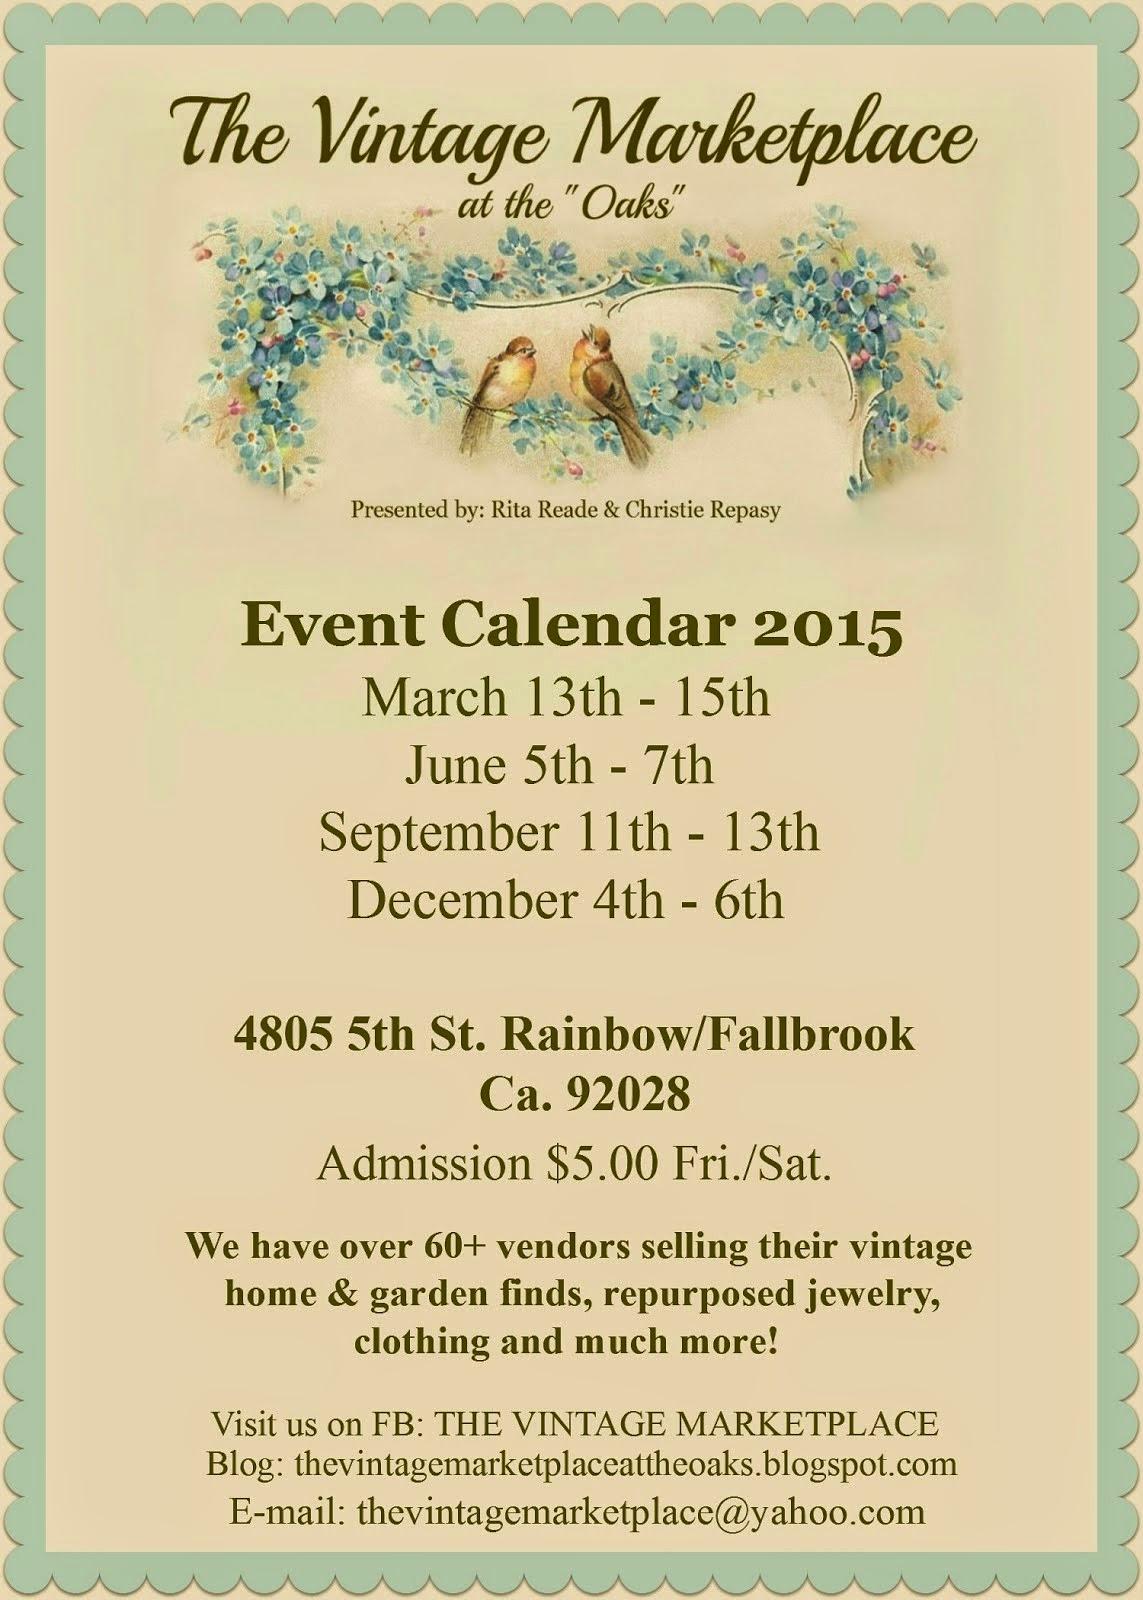 EVENT CALENDAR 2015